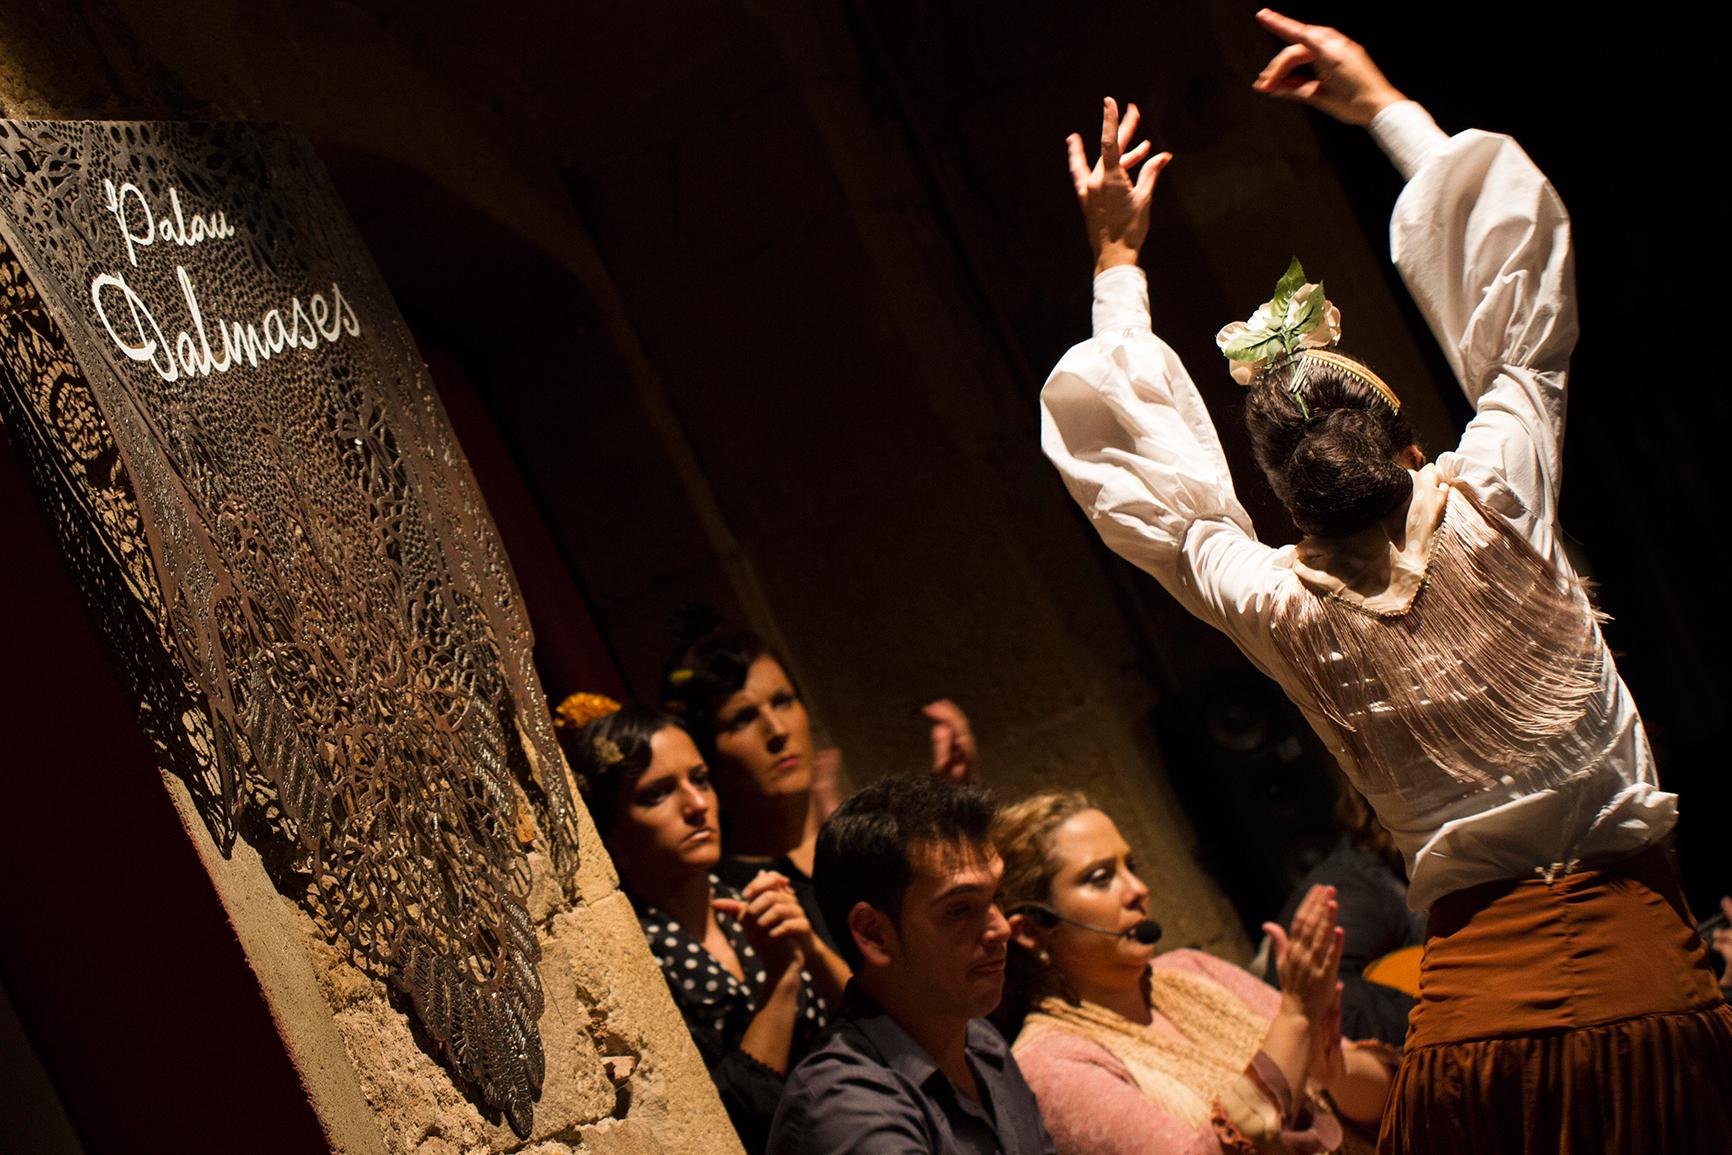 Entradas para conciertos de flamenco en Barcelona - Palau Dalmases 03